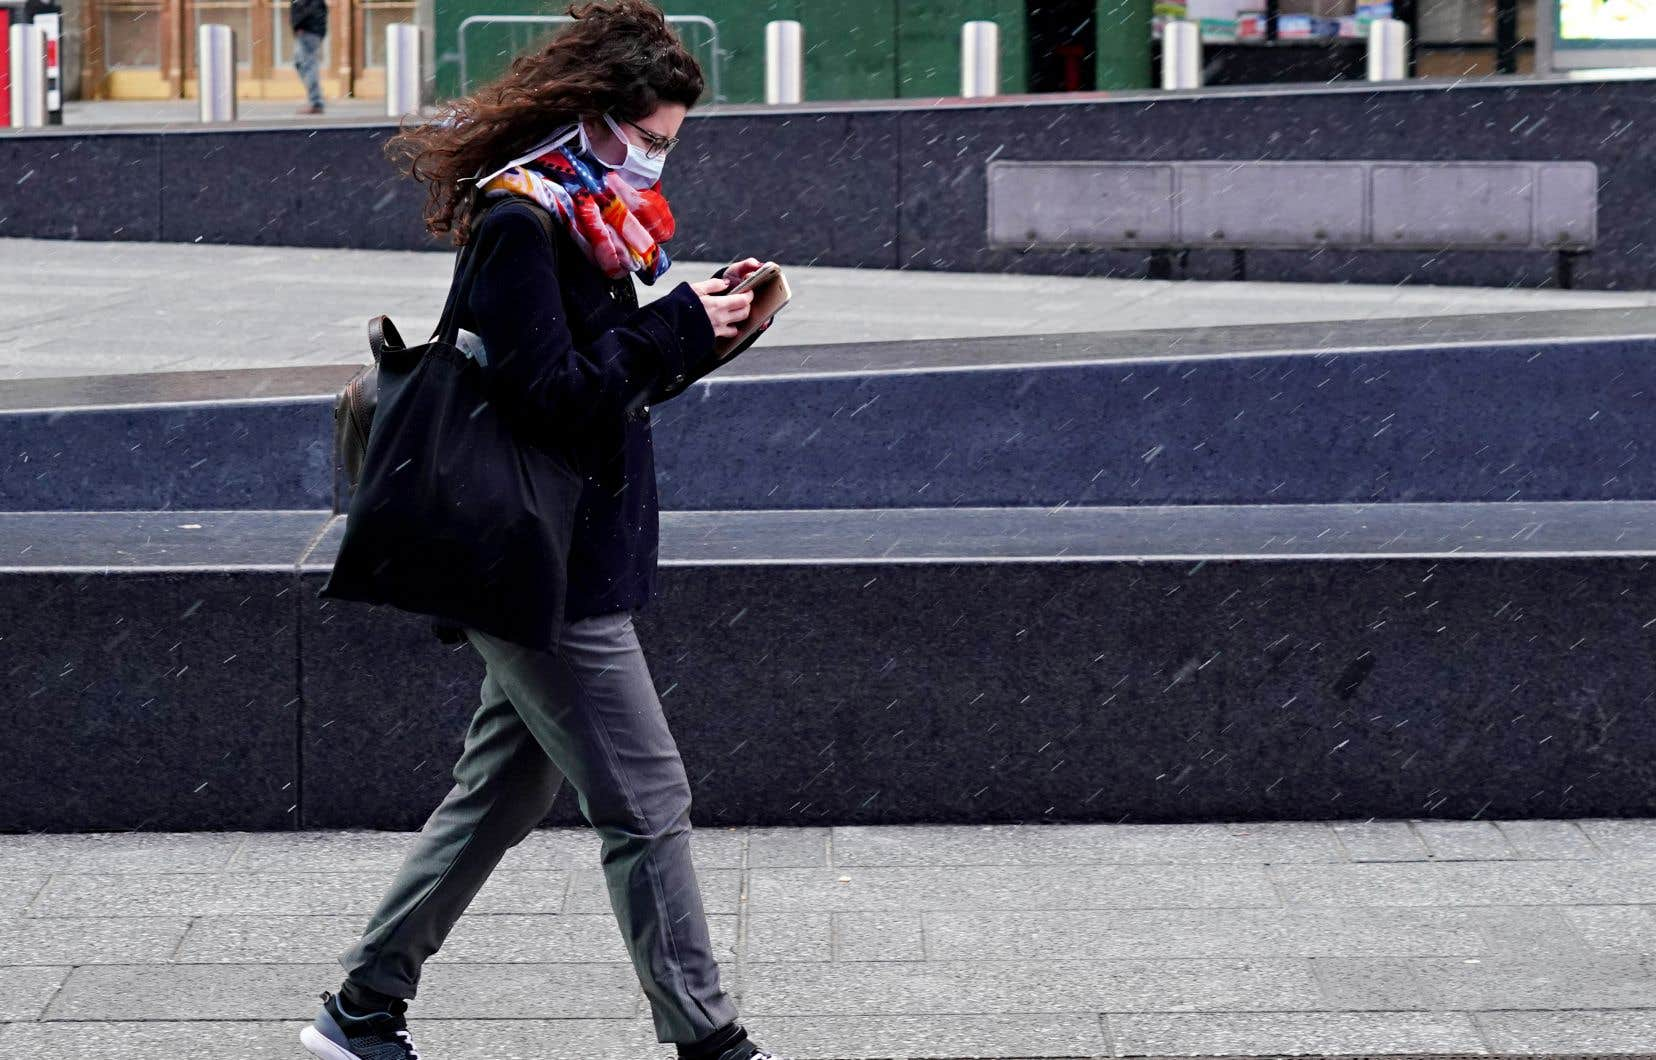 «Les adeptes des médias sociaux ont redécouvert les vertus des médias traditionnels en leur manifestant davantage de confiance», écrivent les auteurs.